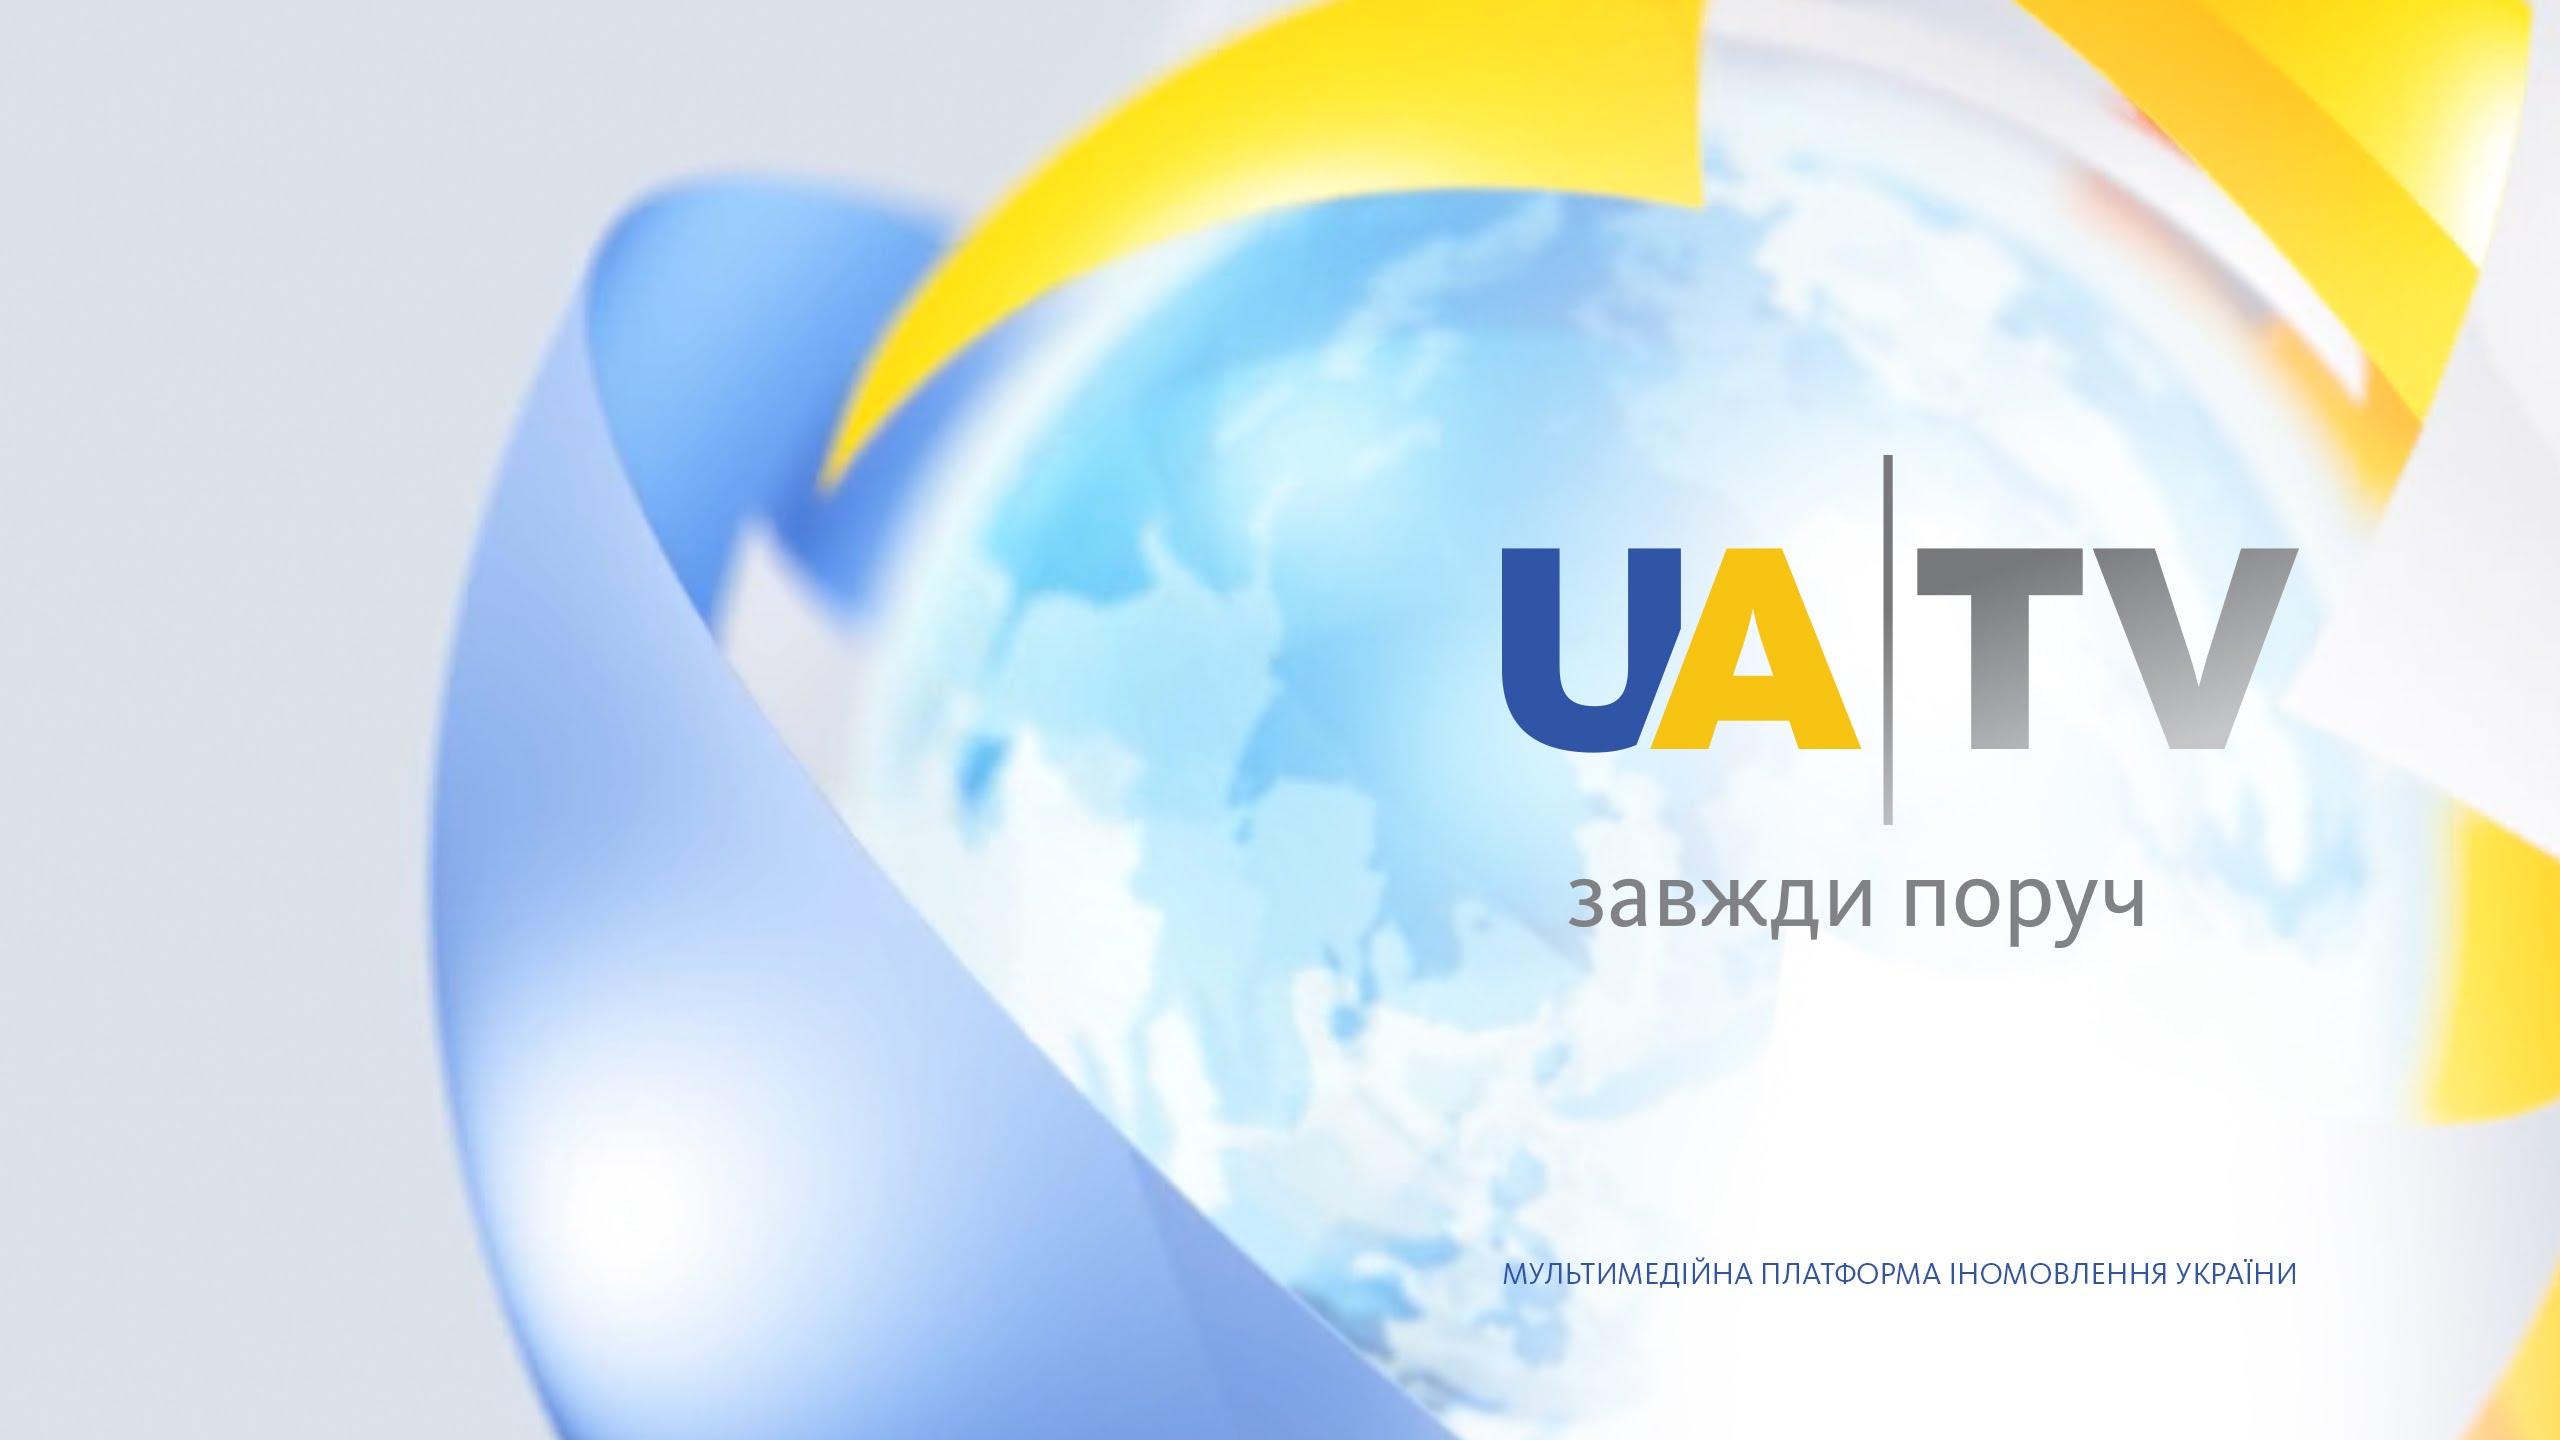 Комітет свободи слова підтримав проект про мовлення UATV у Донецькій та Луганській областях